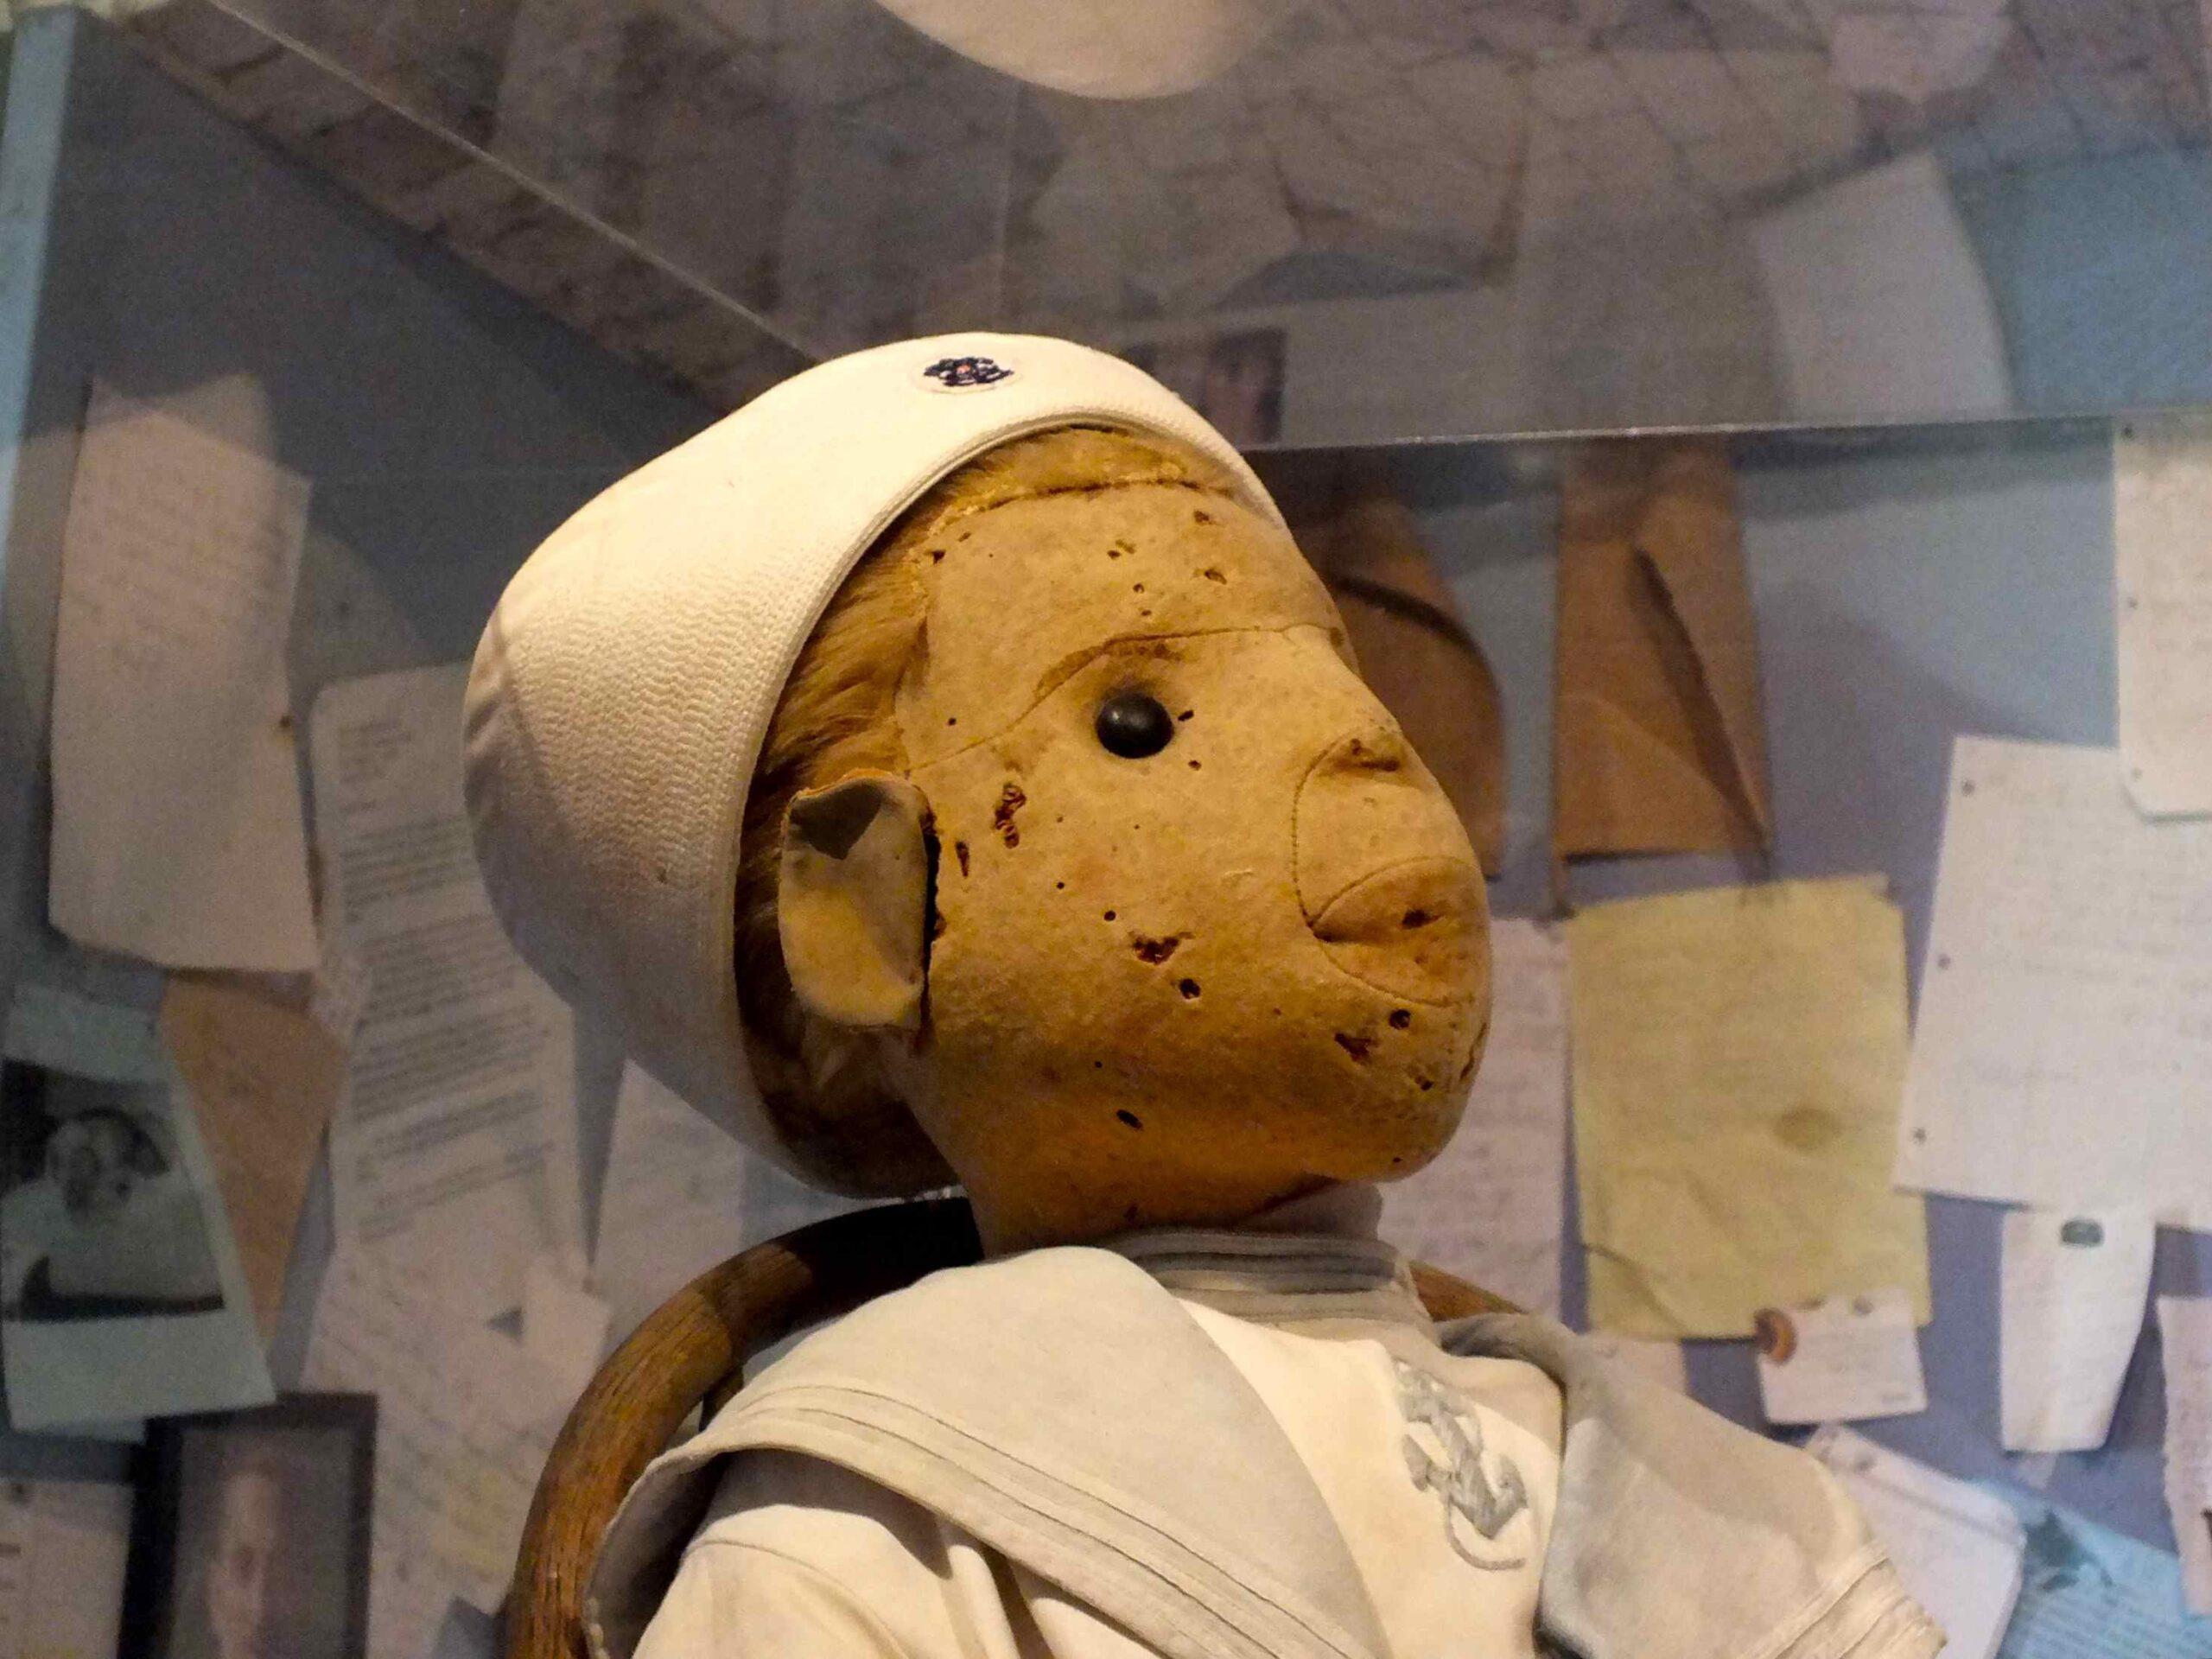 Ρόμπερτ η κούκλα